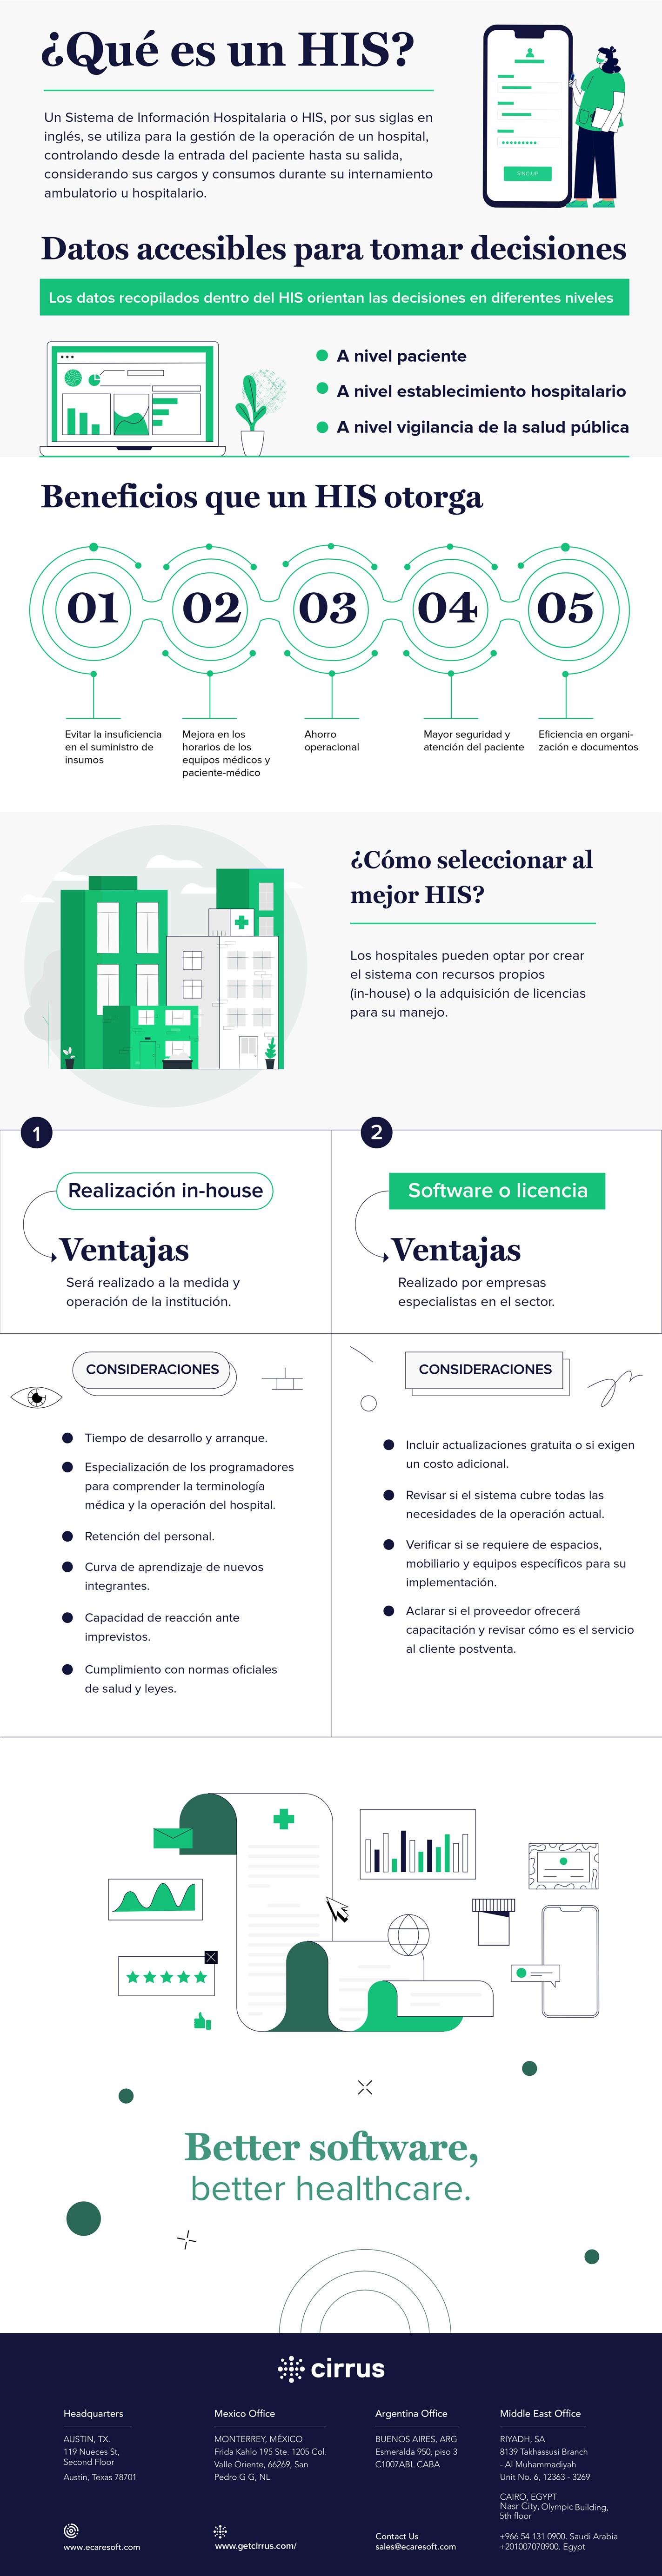 Infografia sobre la importancia de los sistemas HIS en los hospitales, realizada por Cirrus